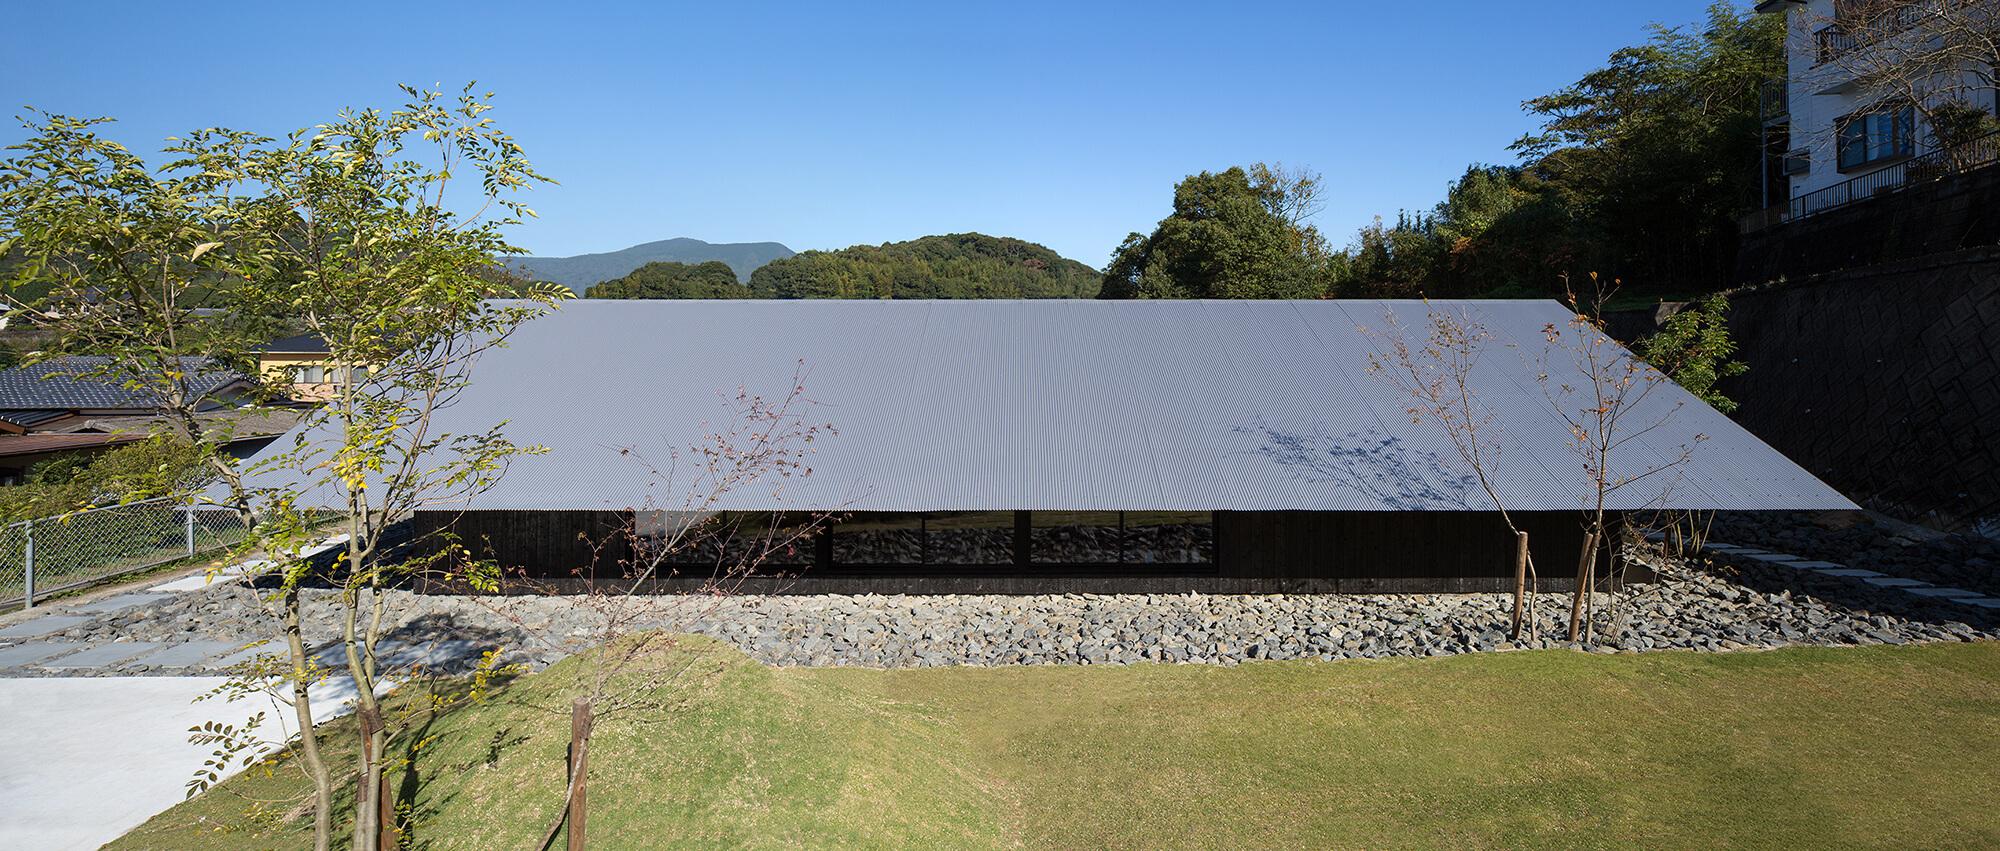 『大屋根の棲家』-長崎県佐世保市-建築写真・竣工写真・インテリア写真3